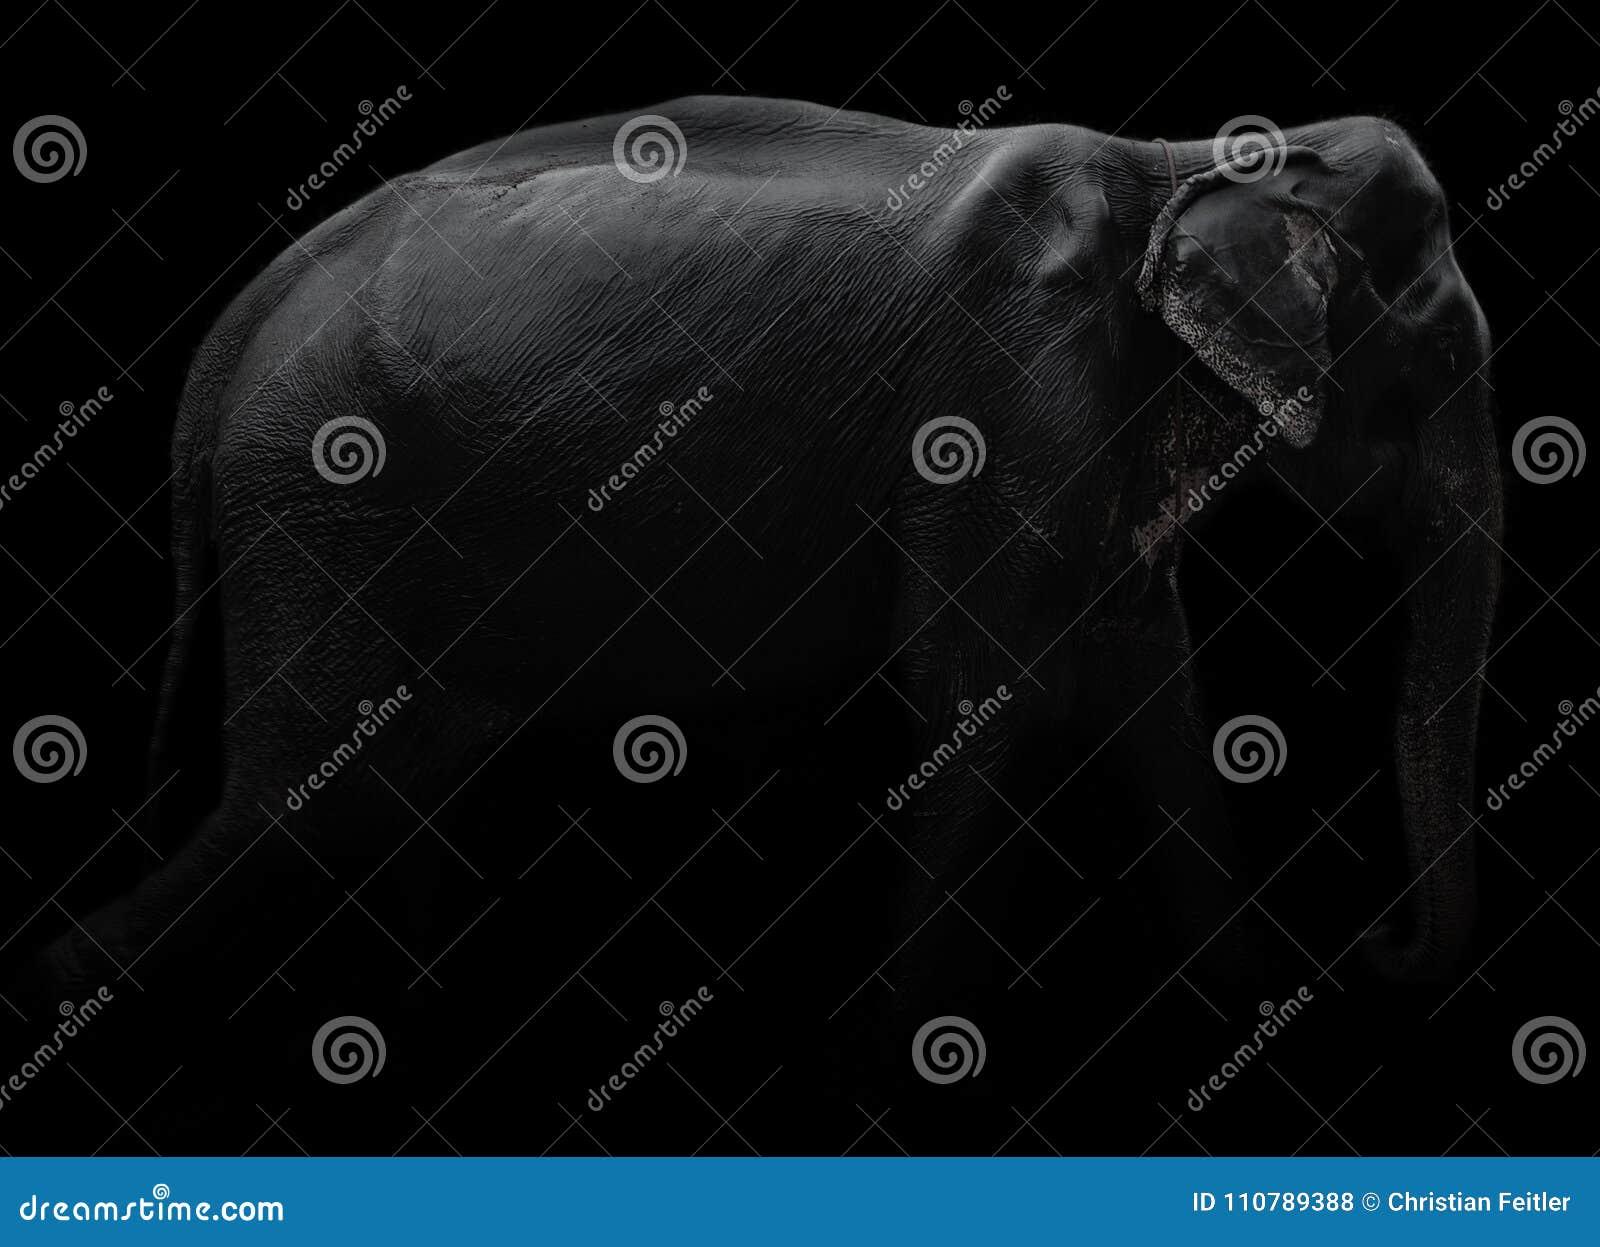 Ελέφαντας με το μαύρο υπόβαθρο